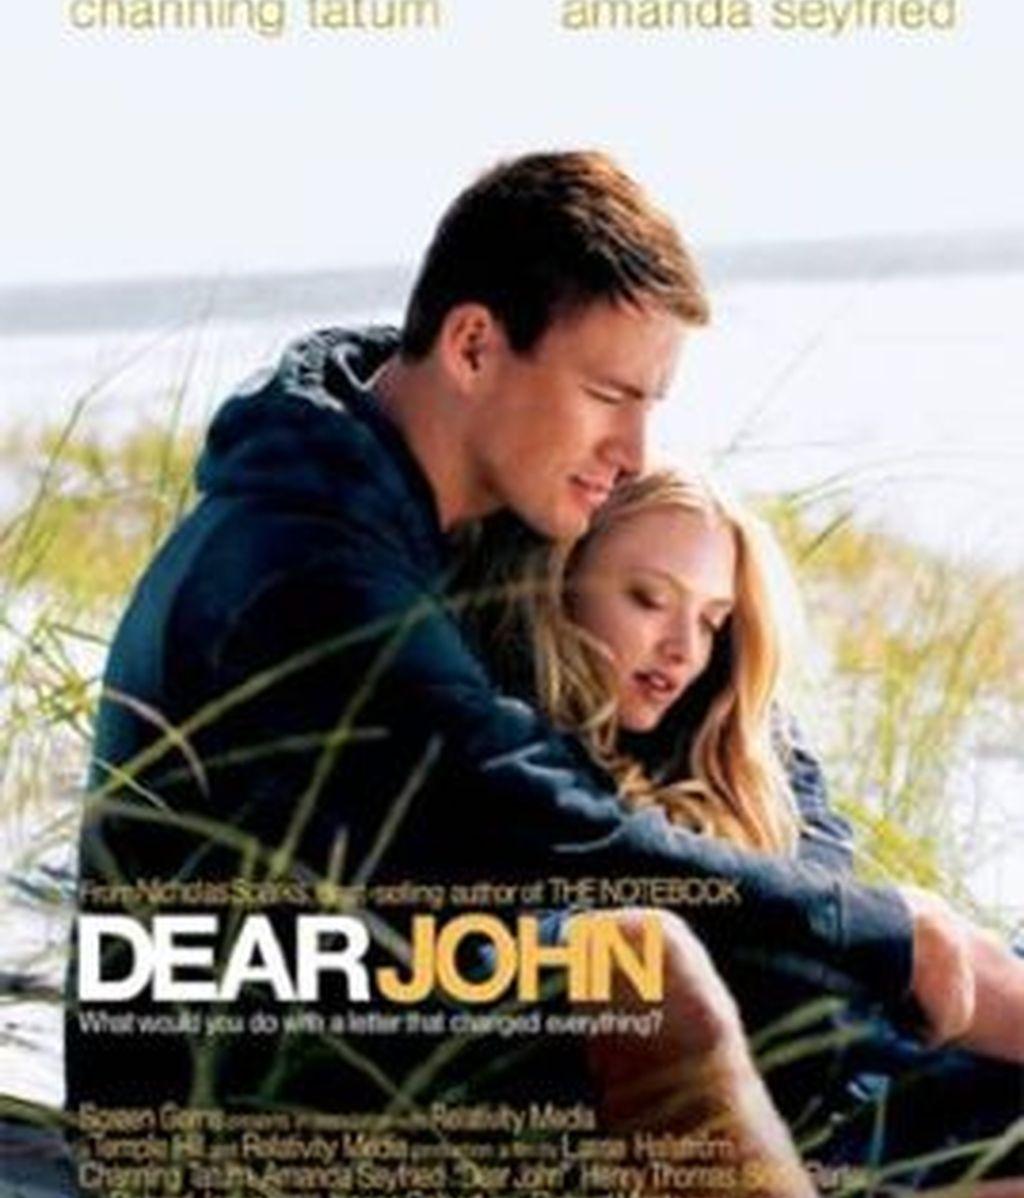 Dear John fue uno de los filmes incluidos en el estudio y que más volumen de 'tweets' generó. La investigación pronostico que el drama romántico obtendría 30.7 millones de dólares en taquilla el primer fin de semana. La cifra real recaudada fue 30,46.